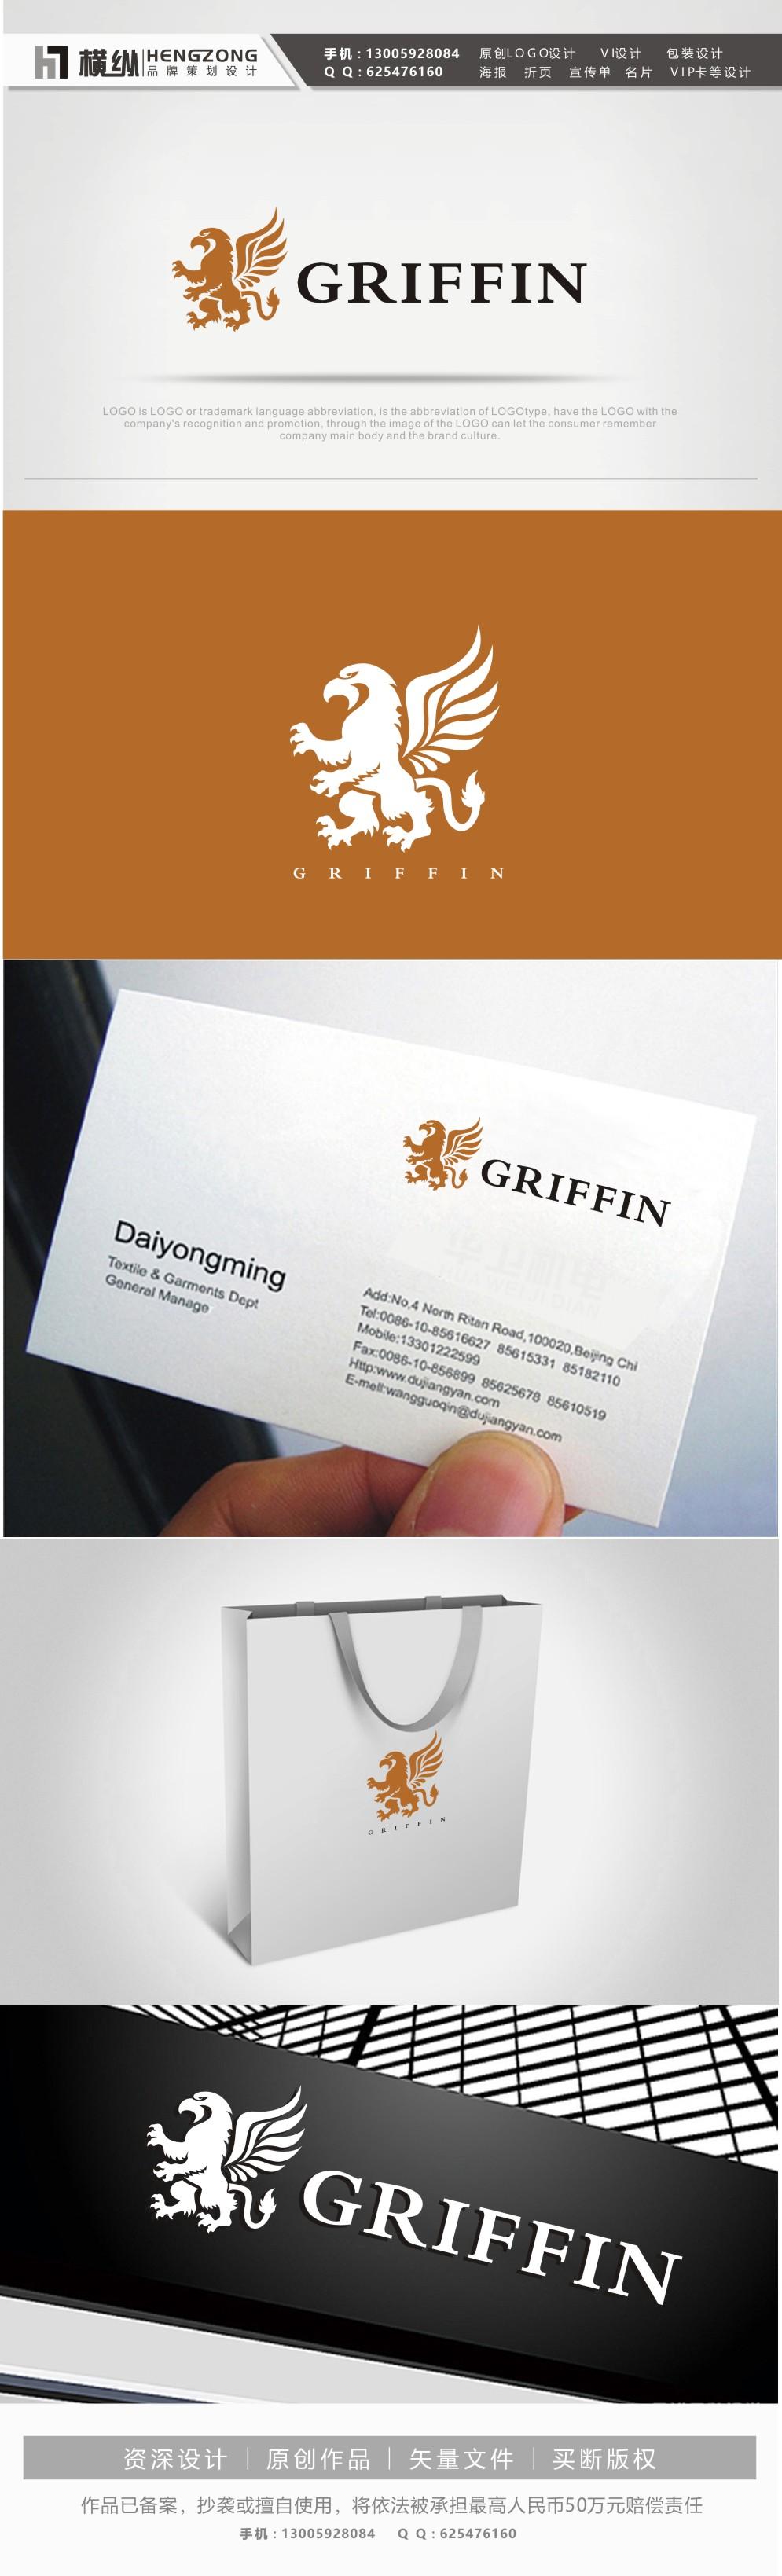 威客 横纵品牌策划设计 的稿件